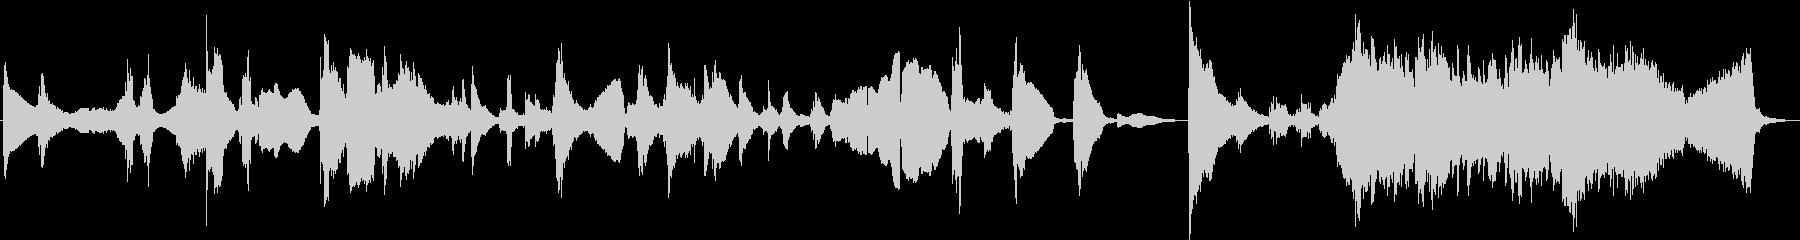 和風のホラーBGMの未再生の波形